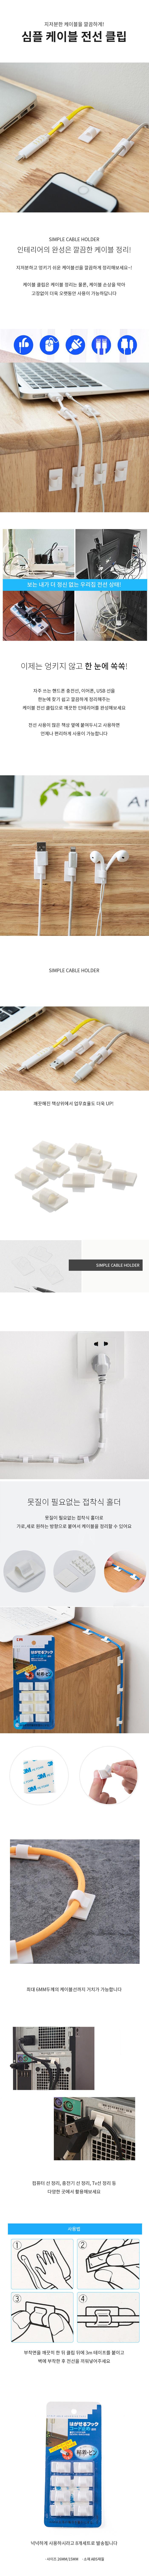 심플 케이블 선 정리 클립 4+4 8p세트 전선 홀더 - 갓샵, 2,500원, 케이블, 케이블 정리용품